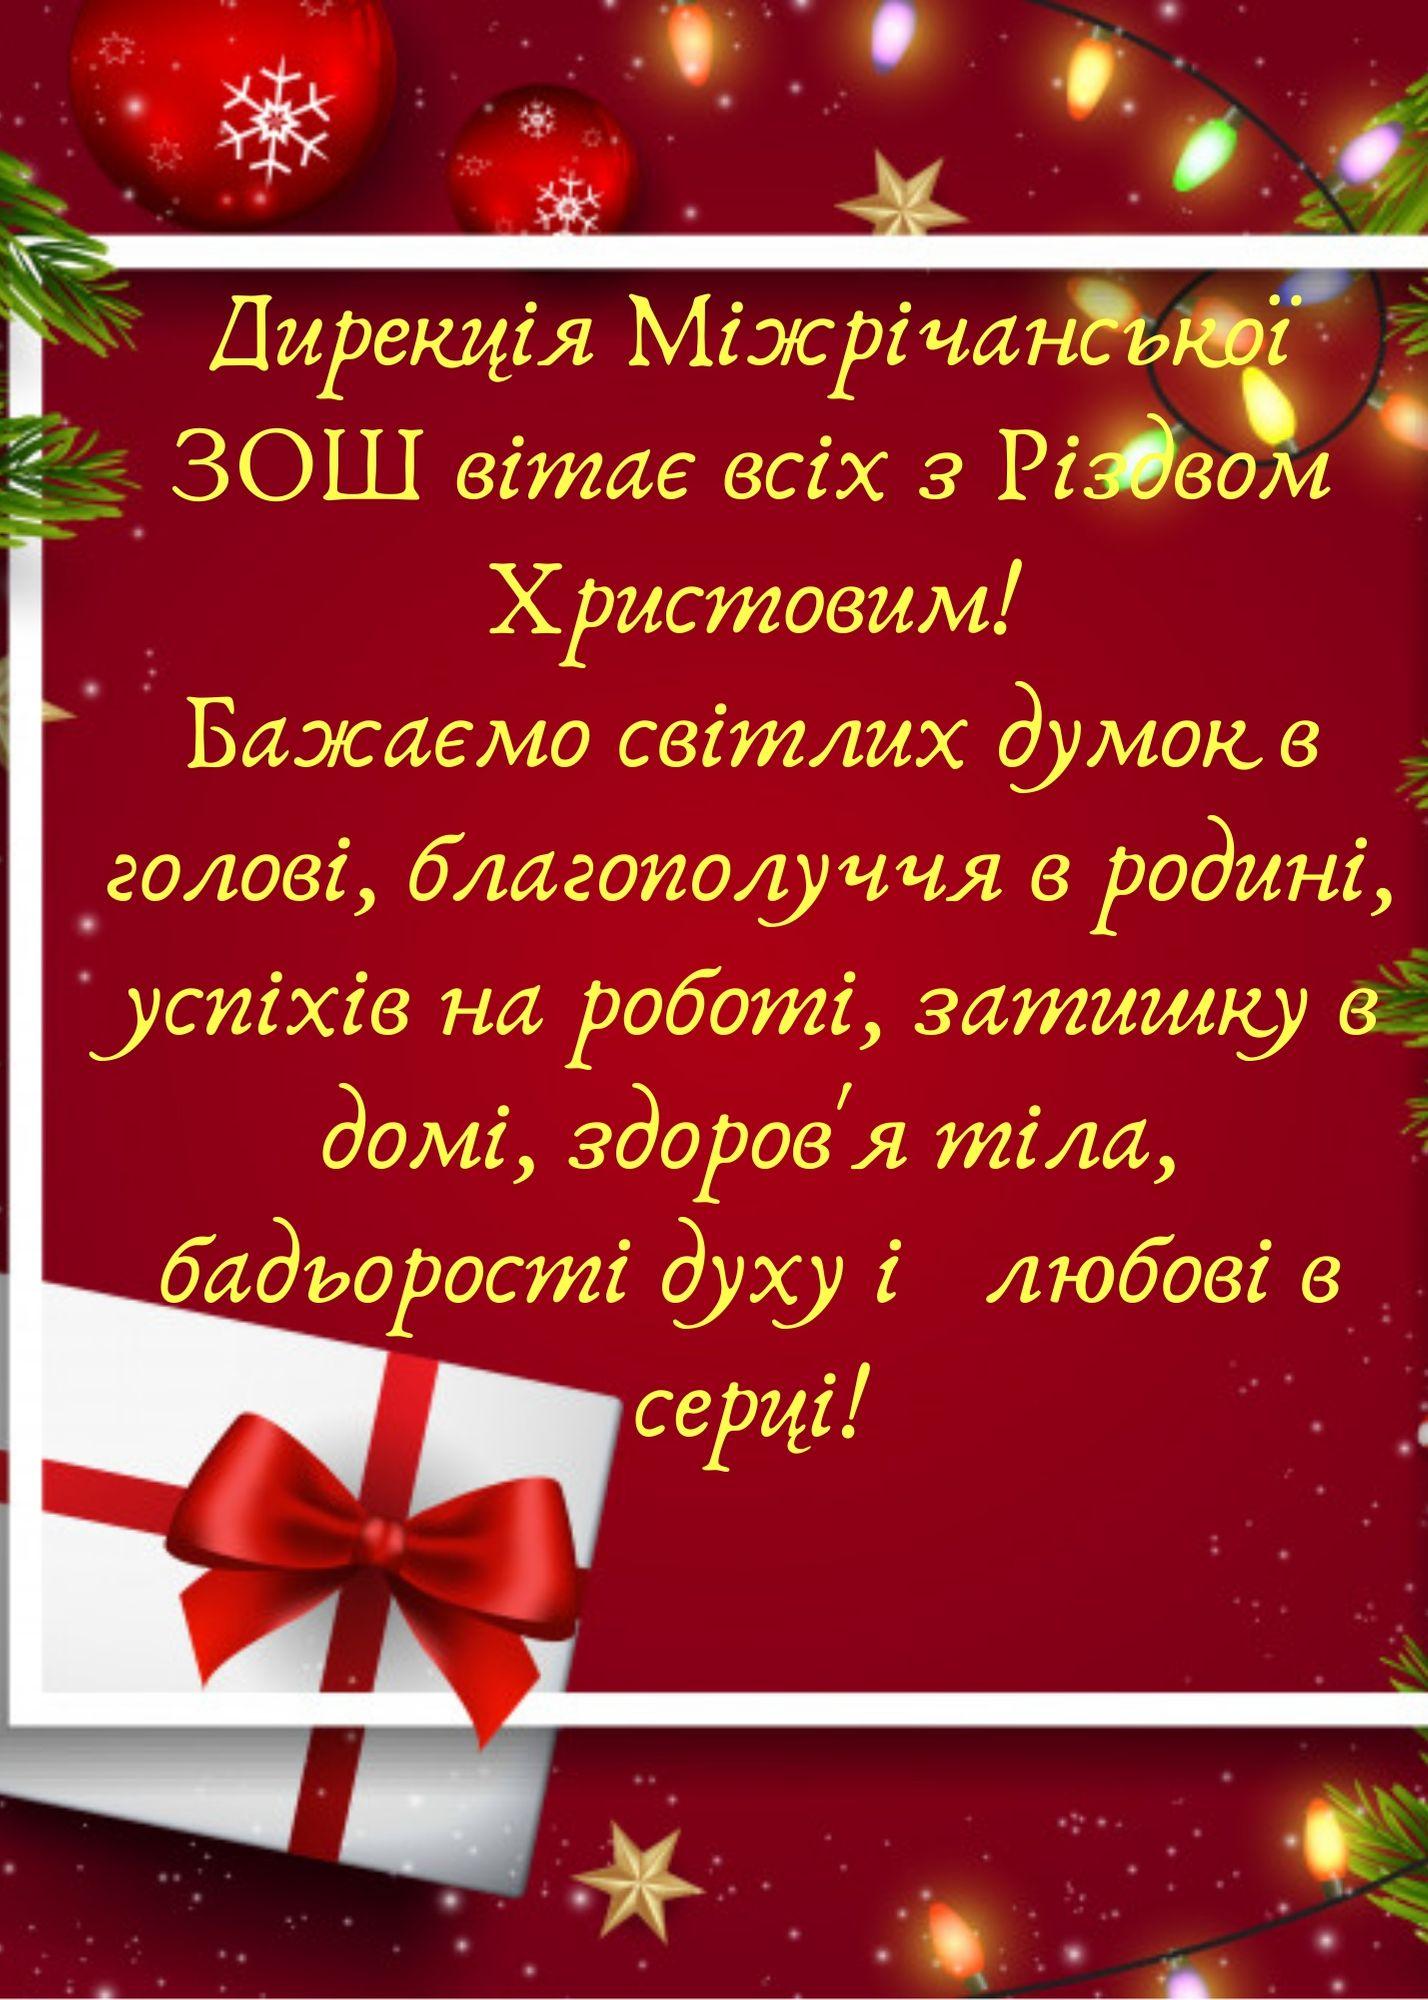 Вітаю з Різдвом! Бажаю світлих думок в голові, благополуччя в родині, успіхів на роботі, затишку в домі, здоров